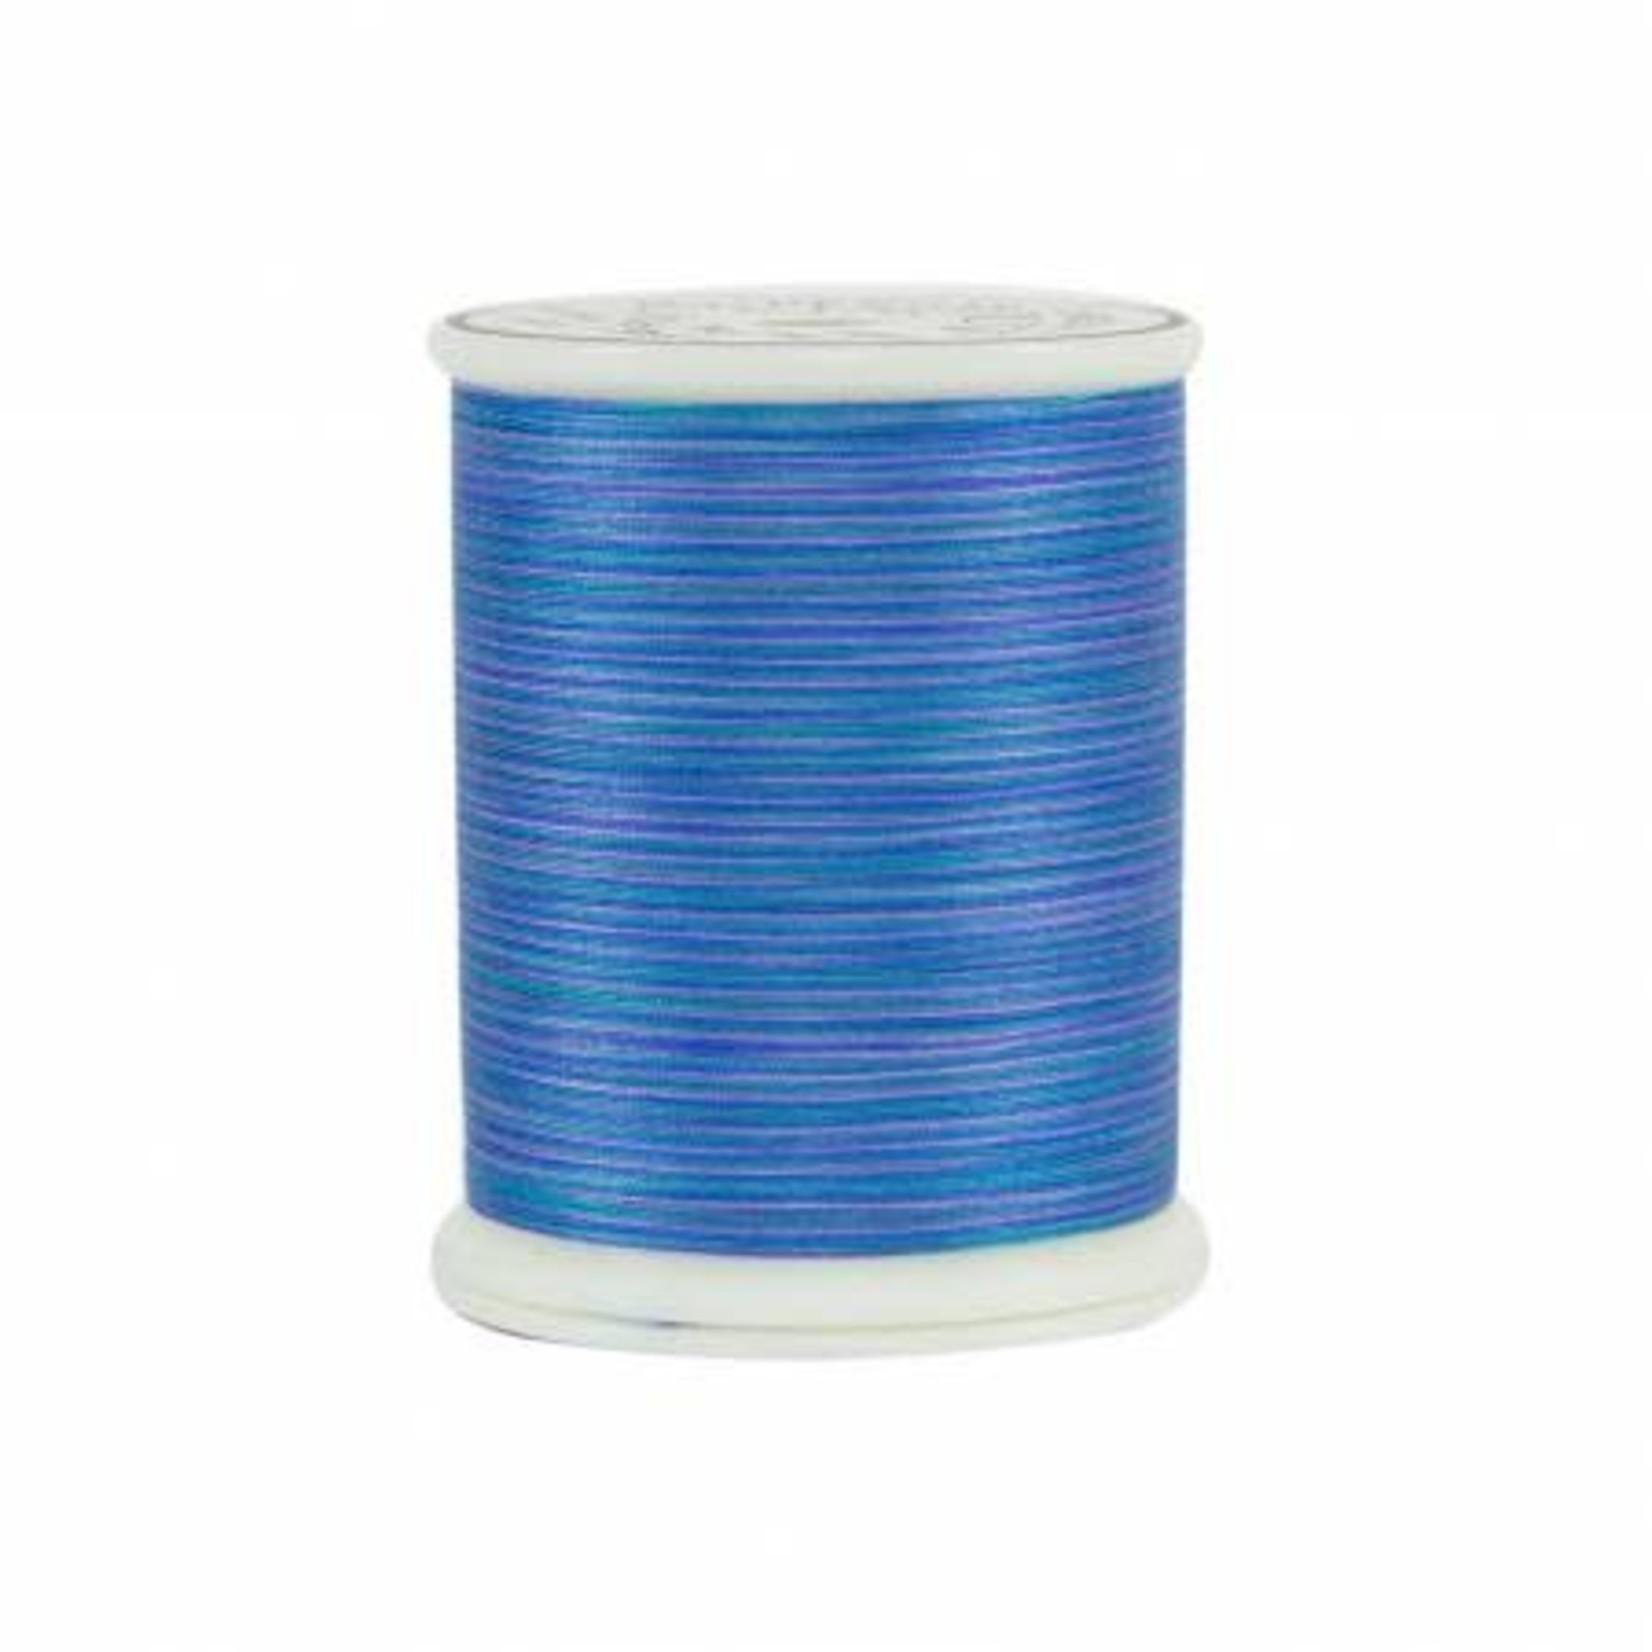 Superior Threads King Tut - #40 - 457 m - 0915 Suez